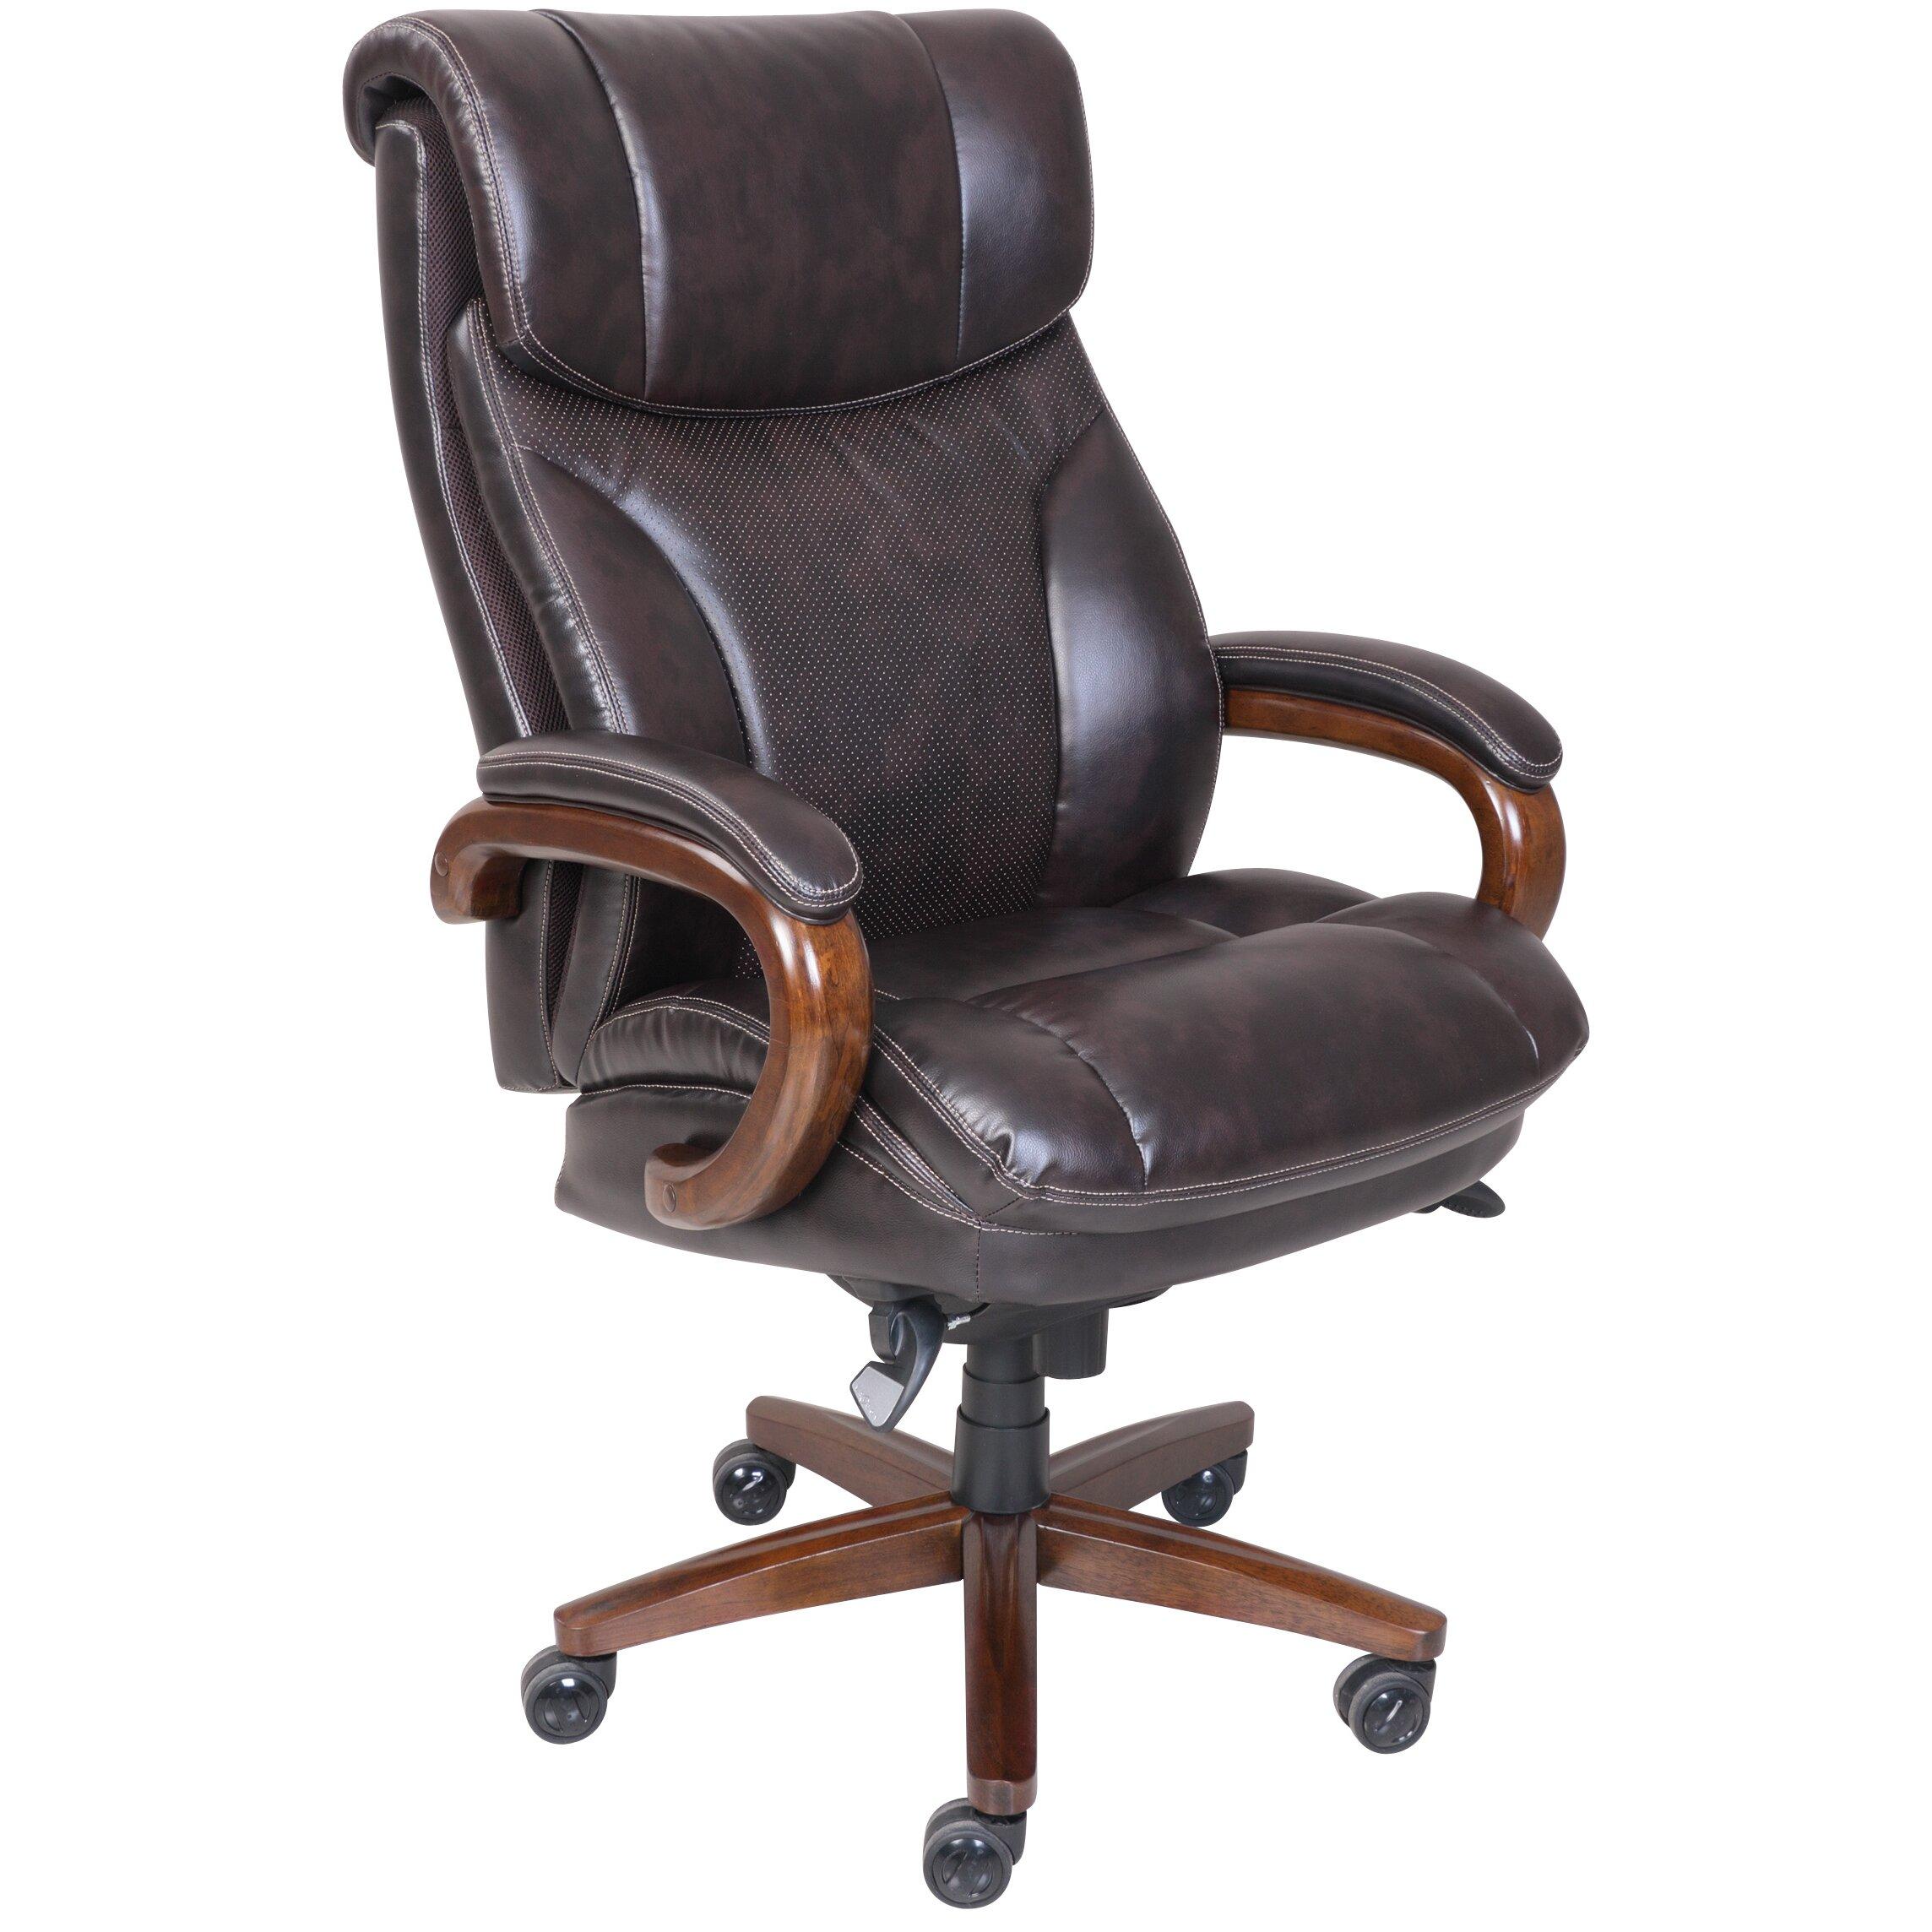 La Z Boy Trafford High Back Executive fice Chair